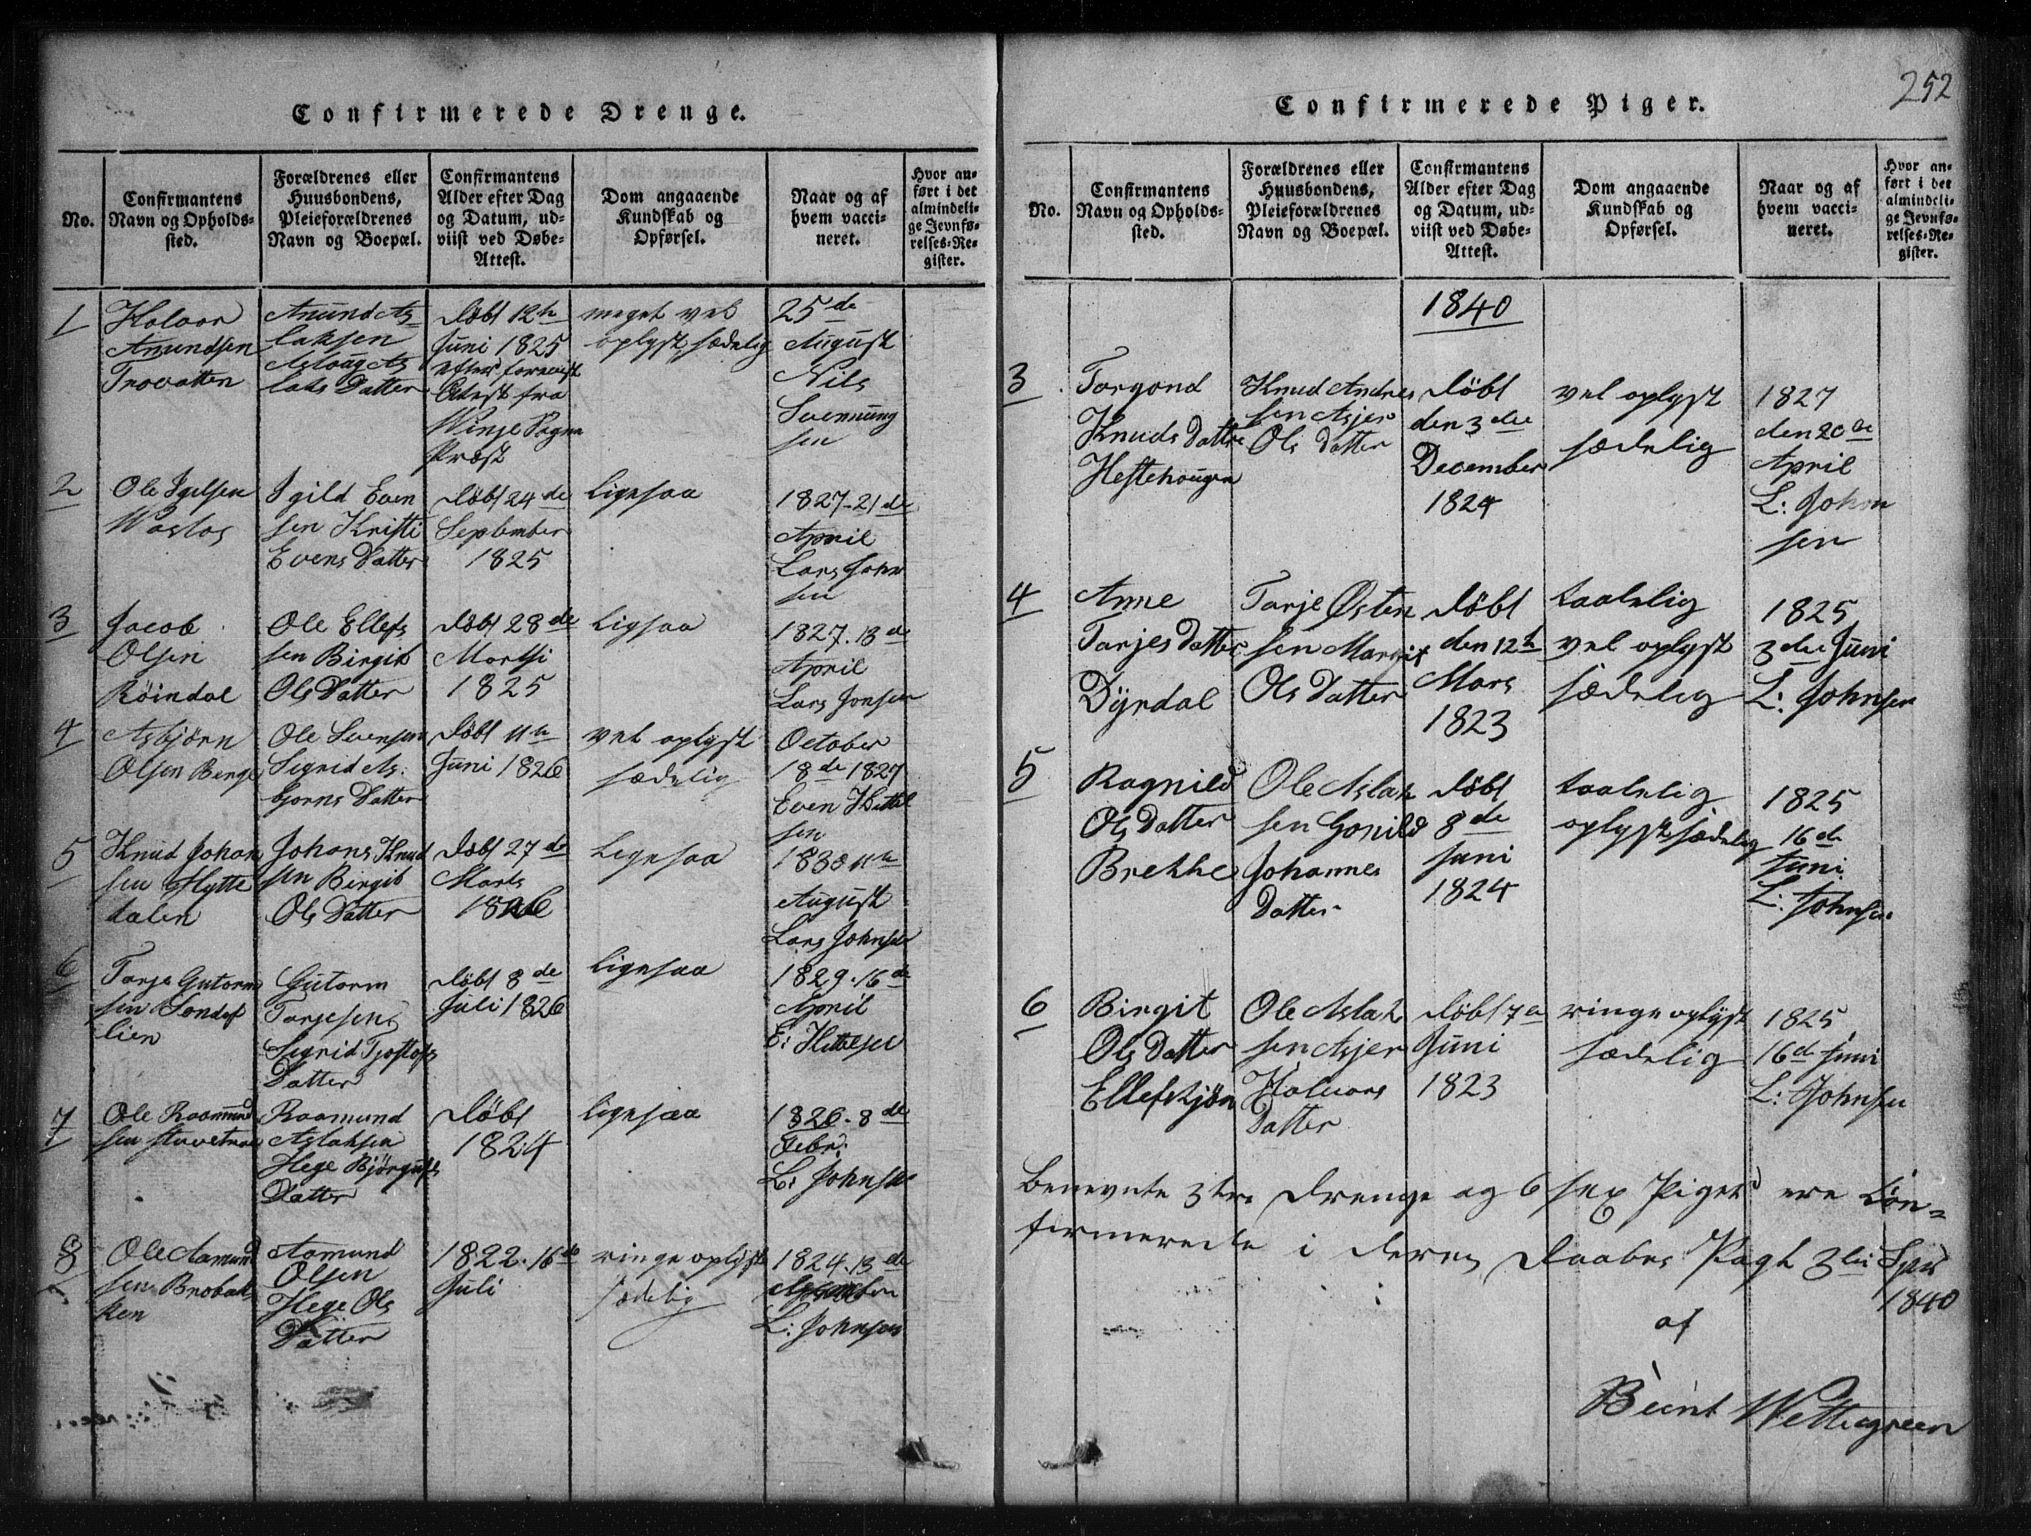 SAKO, Rauland kirkebøker, G/Gb/L0001: Klokkerbok nr. II 1, 1815-1886, s. 252